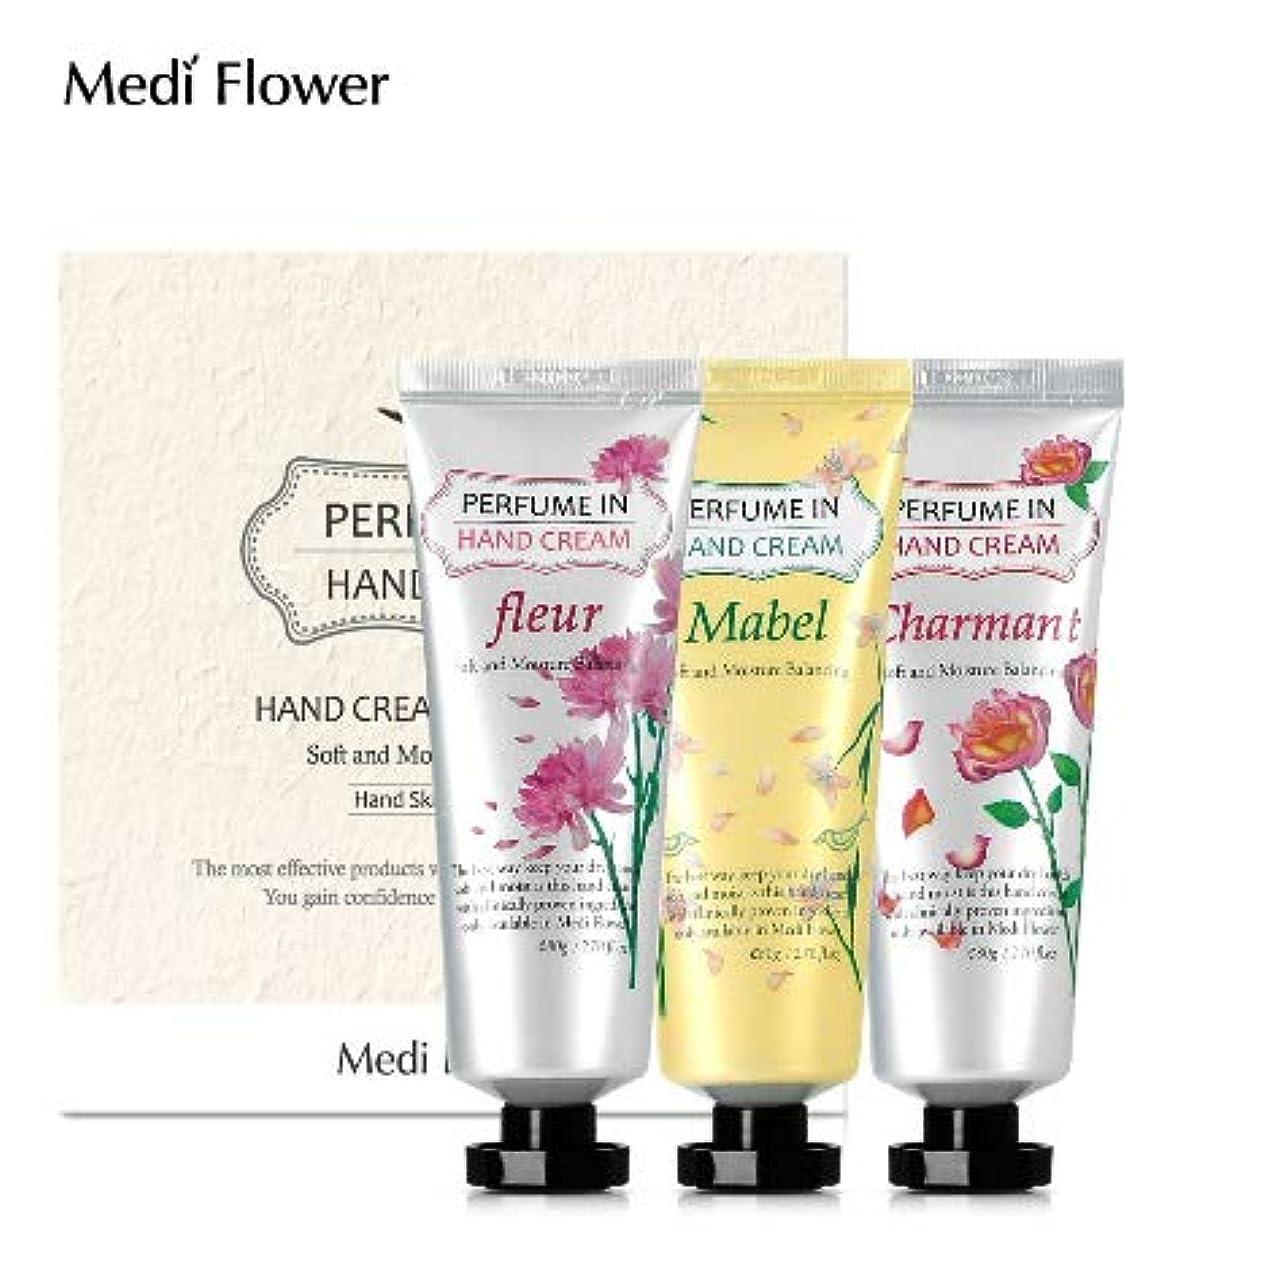 解体するパウダー記憶に残る[MediFlower] パフュームインハンドクリーム?スペシャルセット 80g x 3個セット / Perfume Hand Cream Specail Set